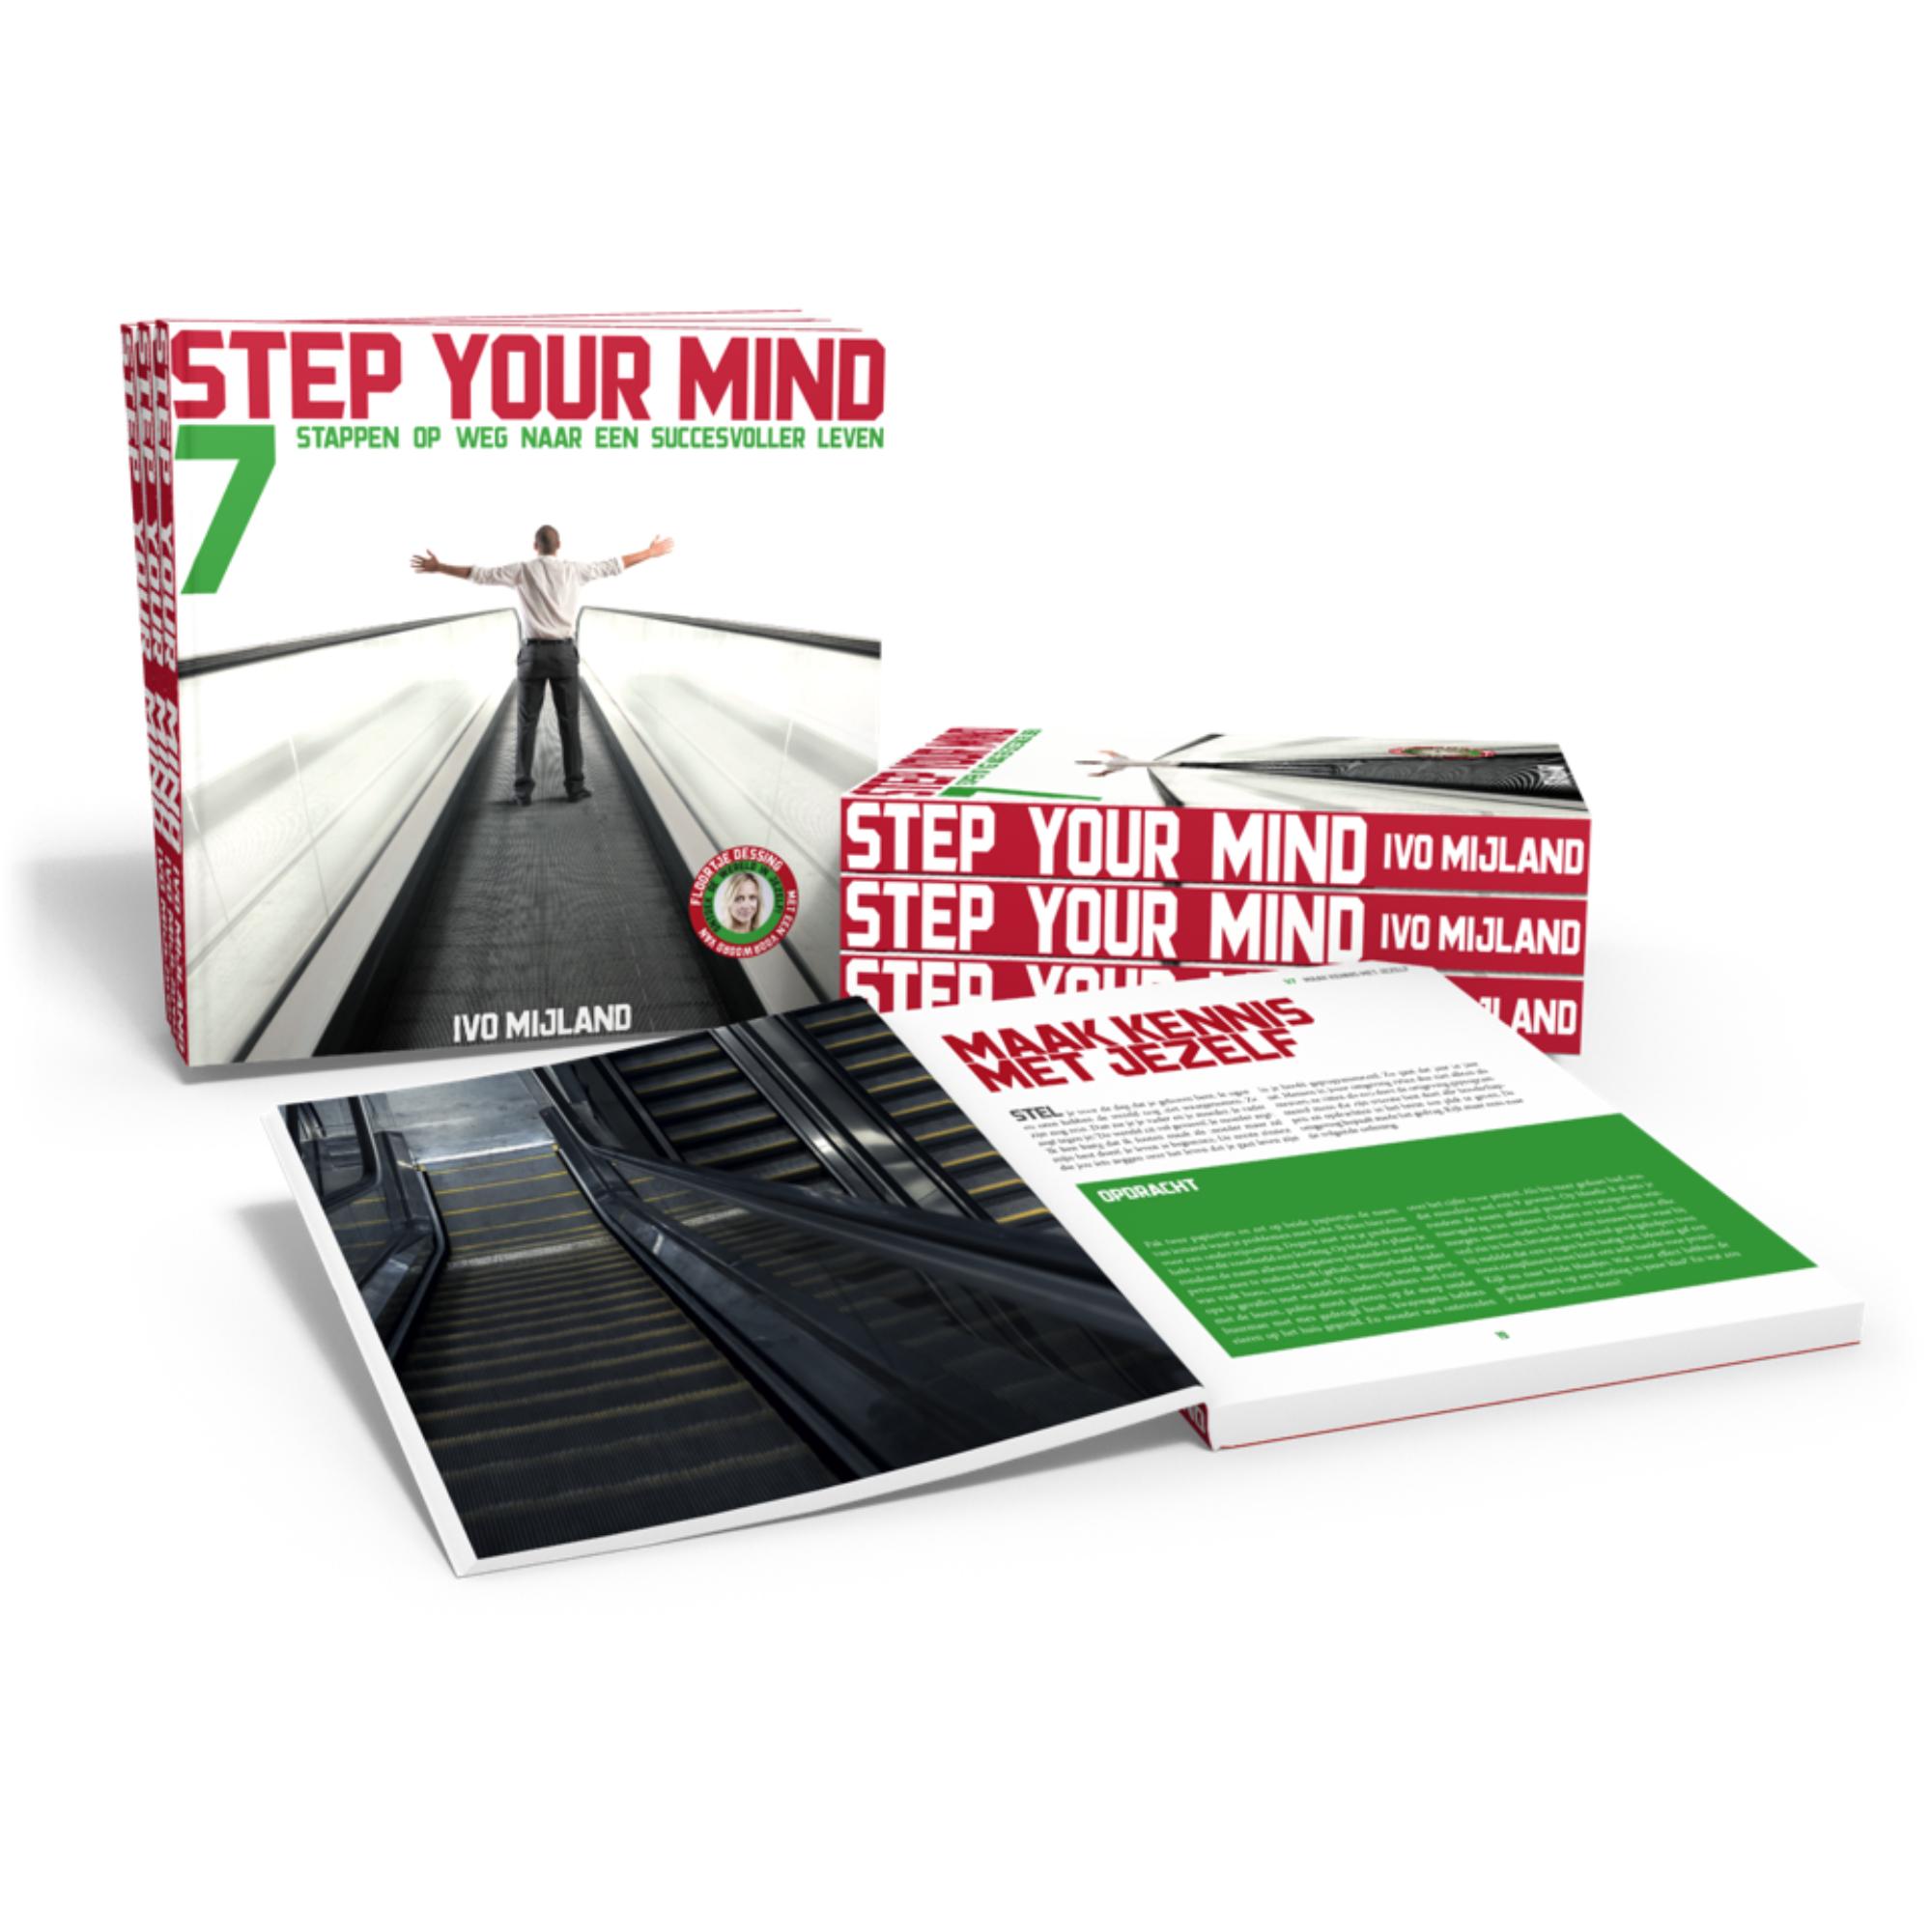 Step your mind: Nieuw boek van Ivo Mijland